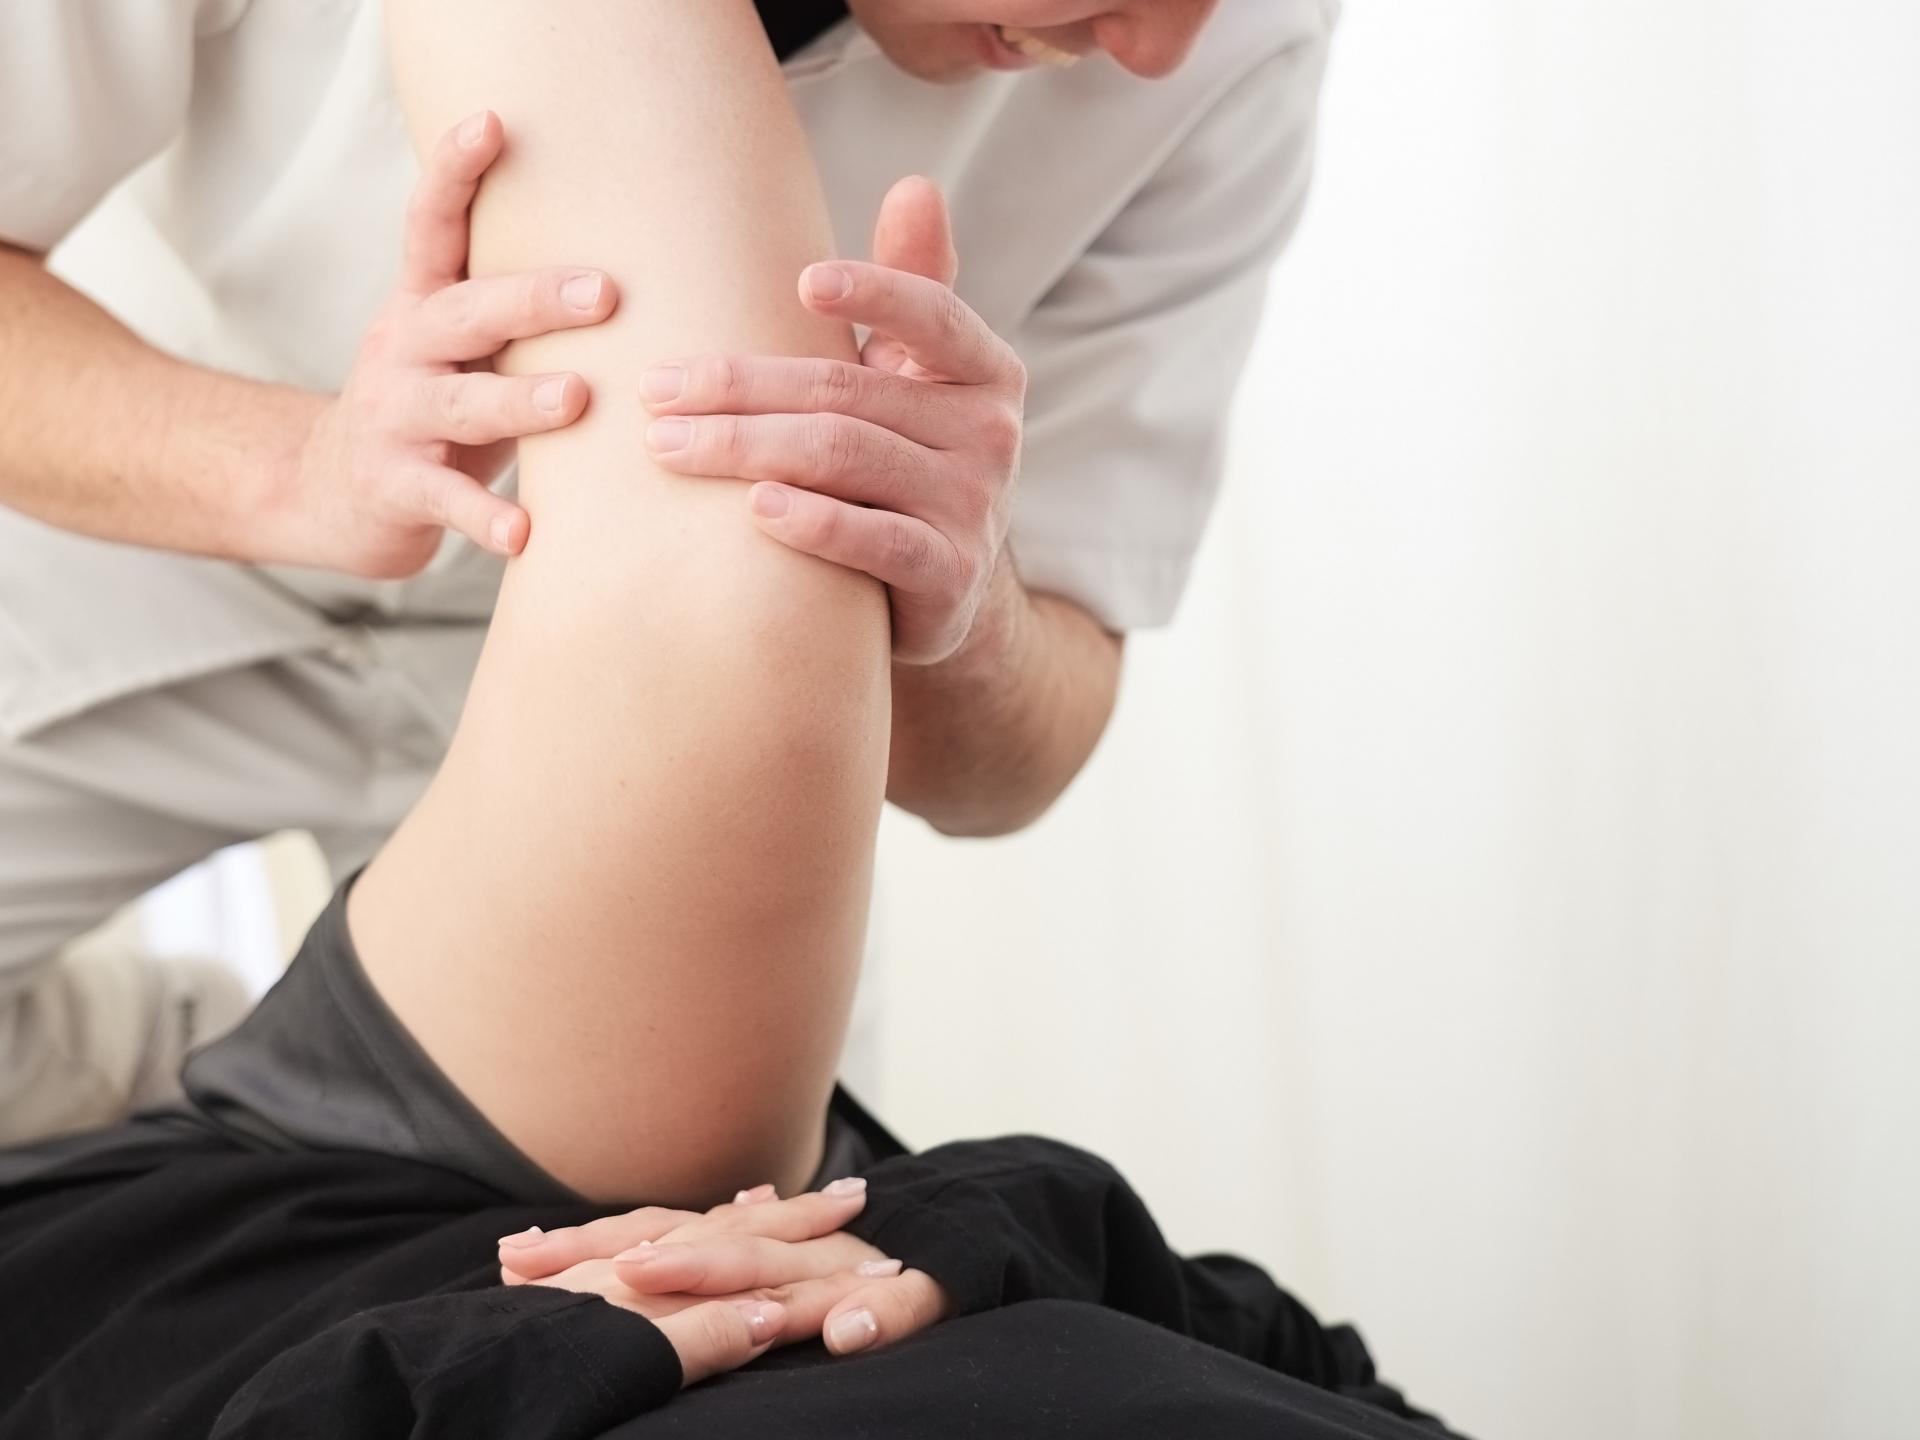 股関節の痛みは「足首のストレッチ」で改善